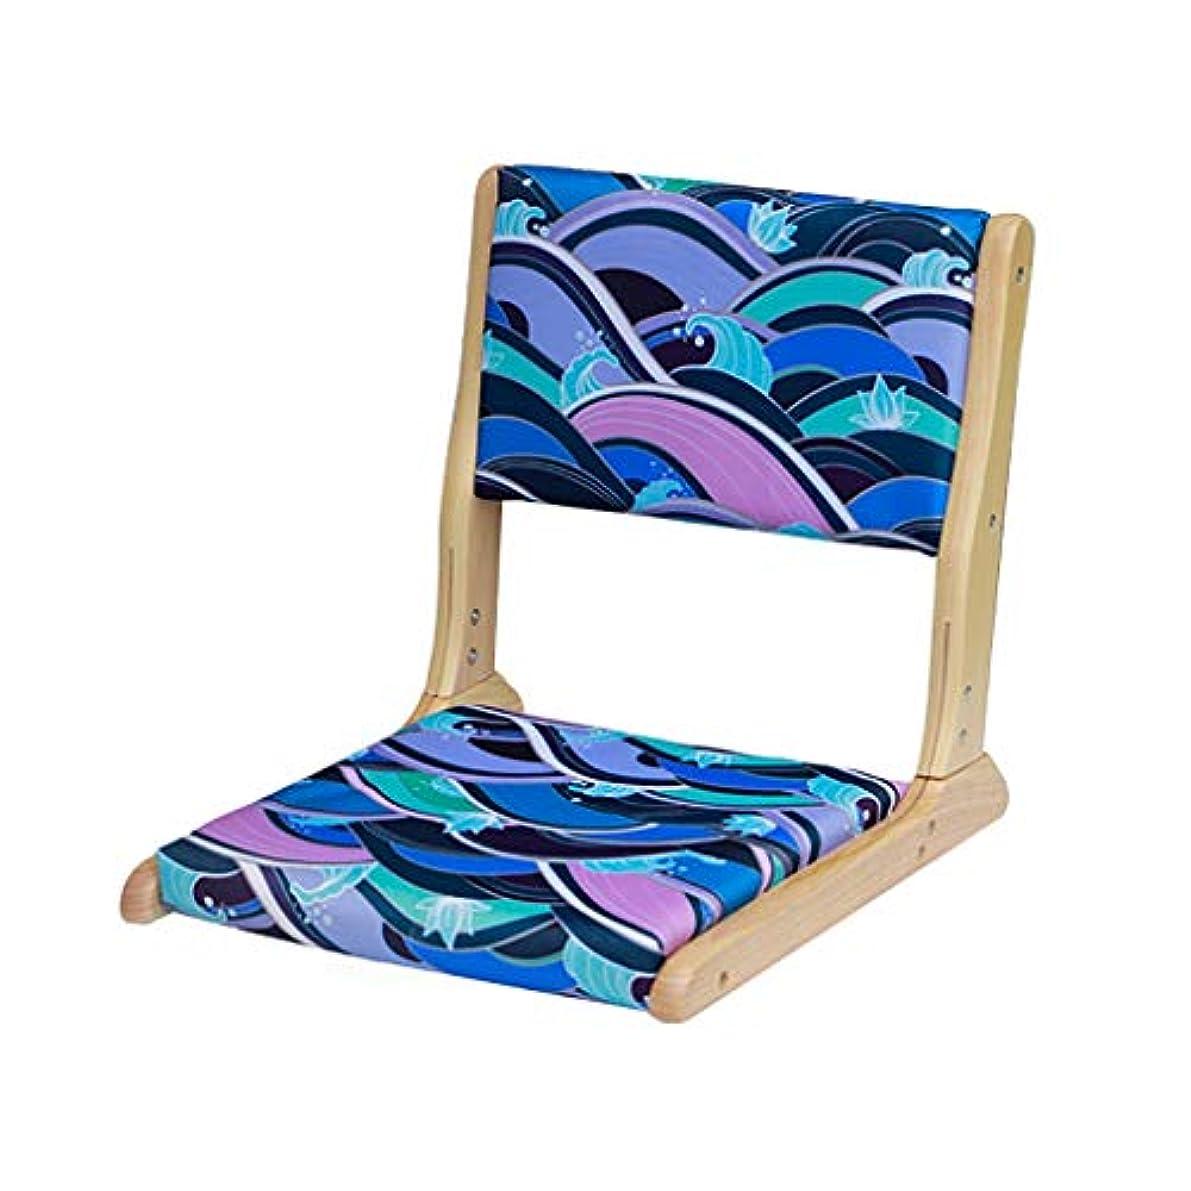 顕著リブ悲観主義者折りたたみ日本の足のない椅子床の椅子足のない椅子折りたたみの椅子無垢材のスツール背もたれの椅子出窓シートゲームチェア携帯型